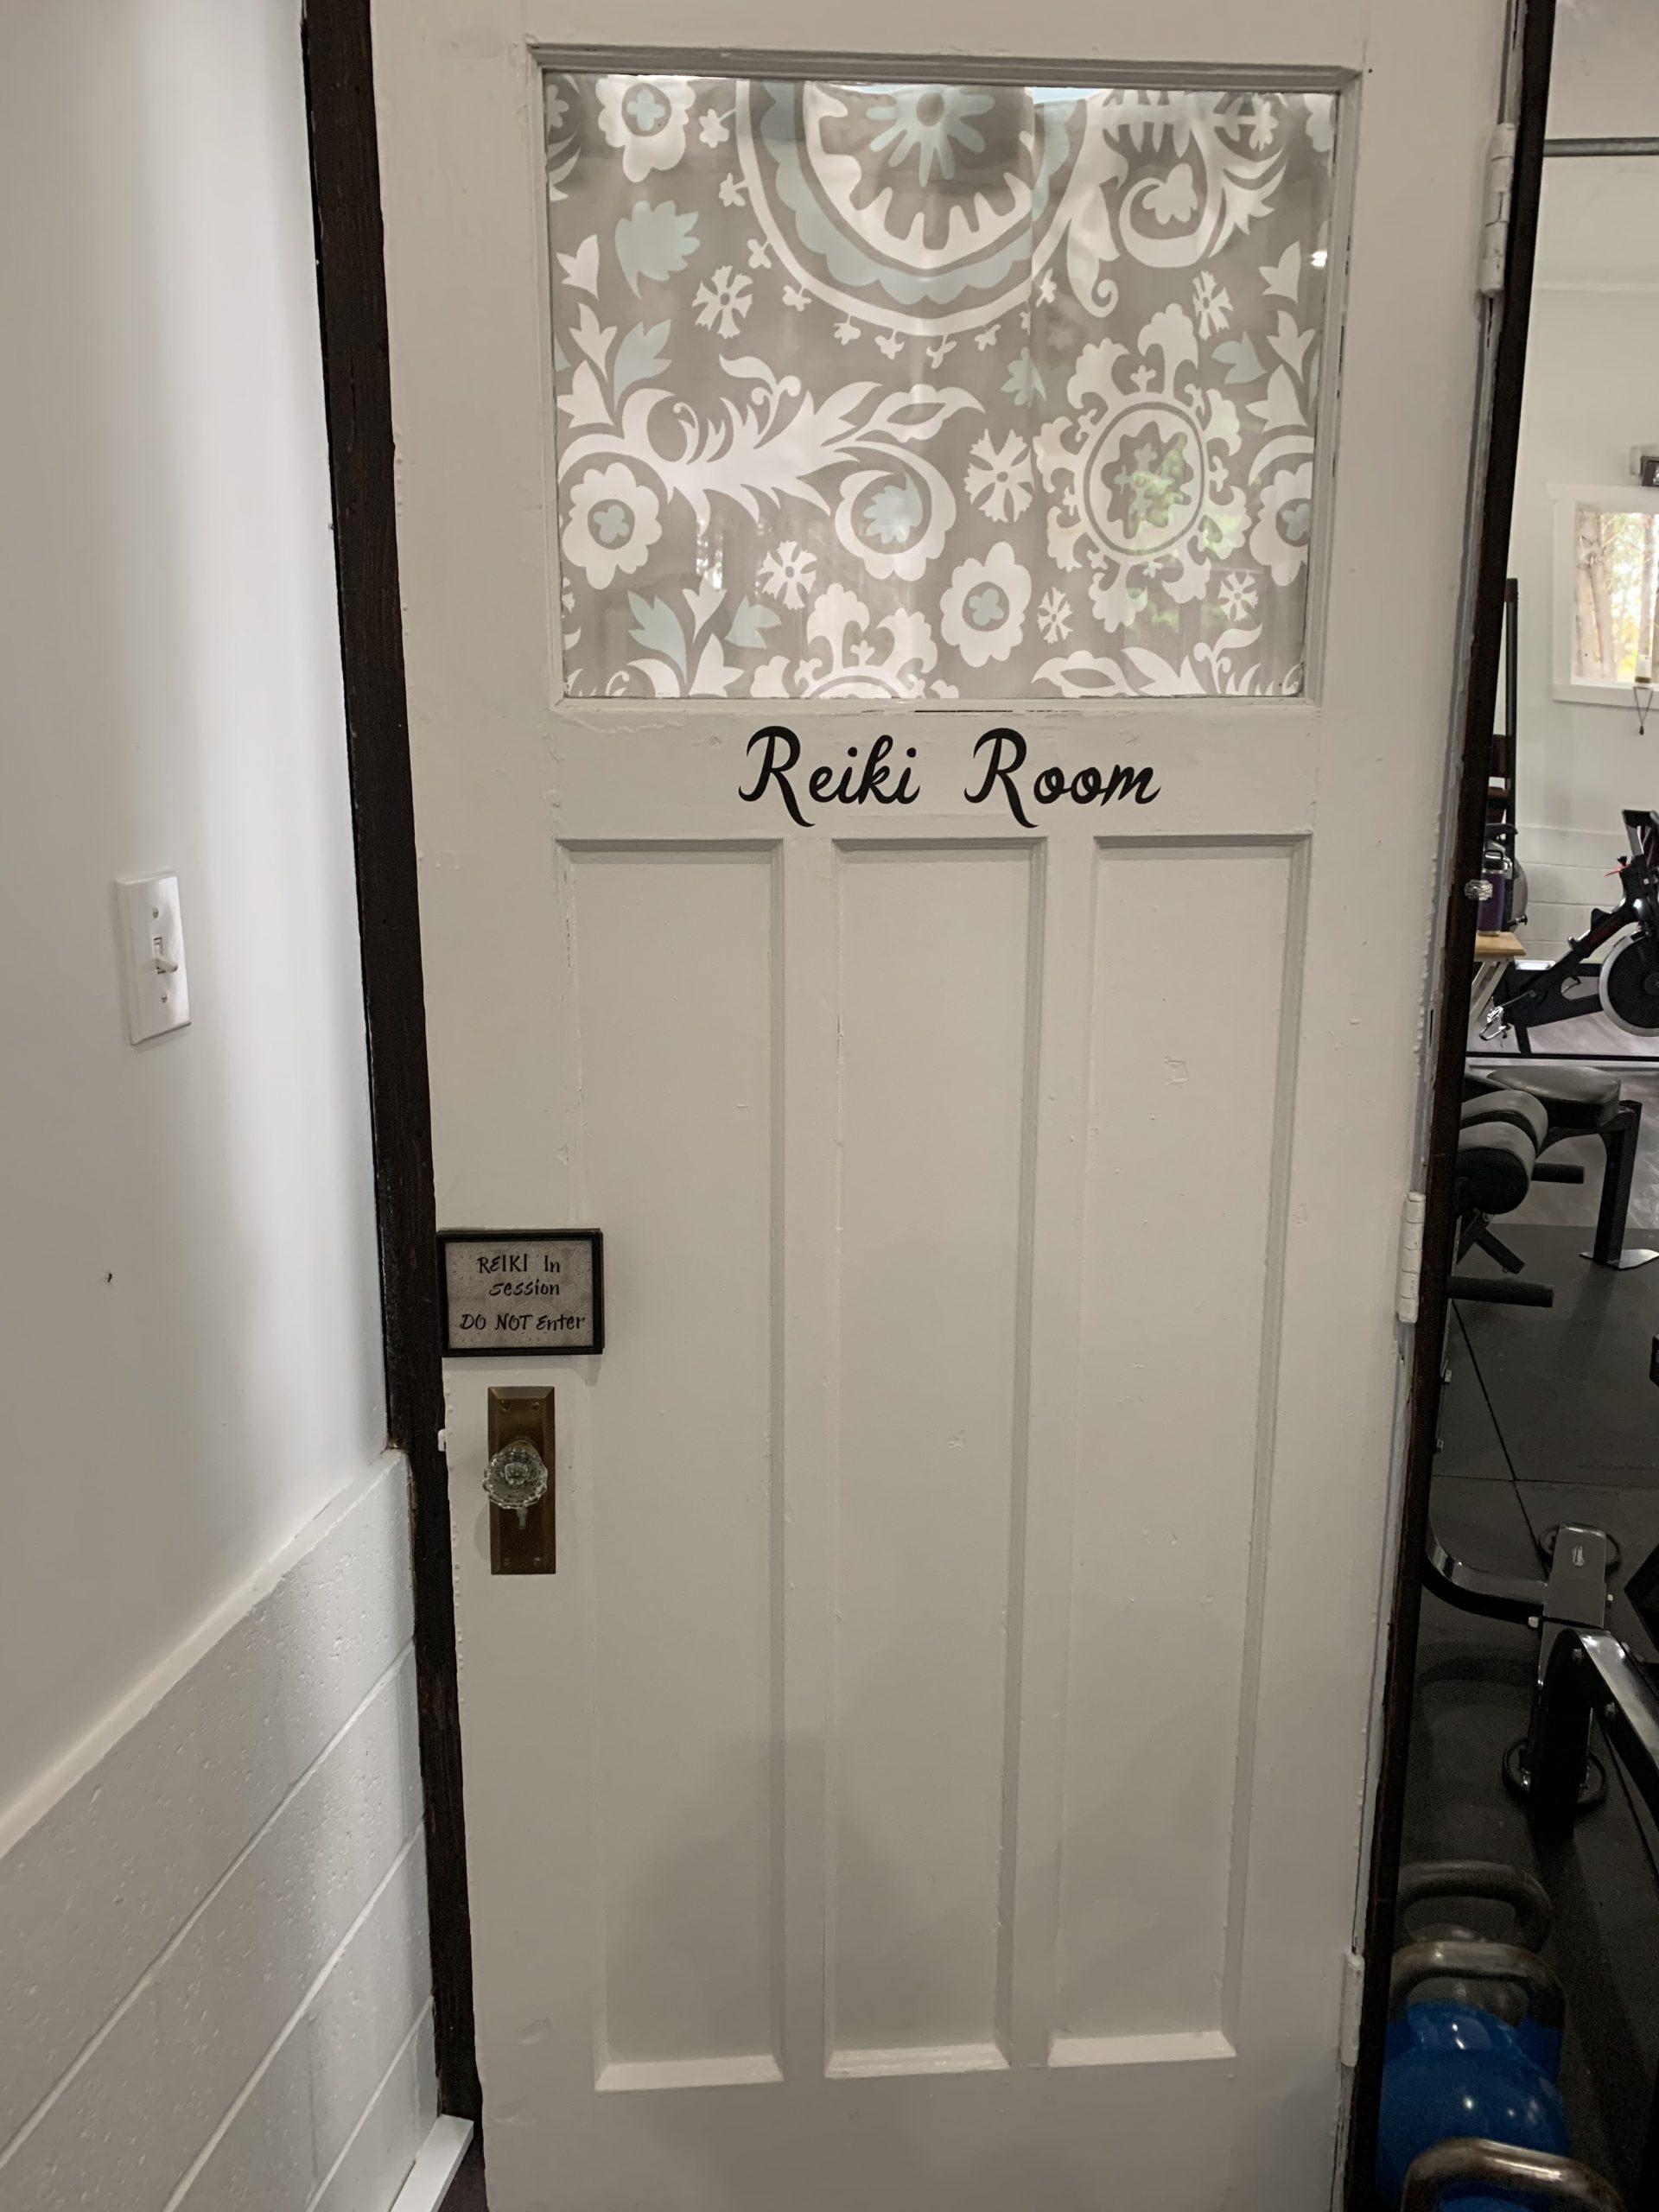 Cedar Wellness Studio Reiki Room